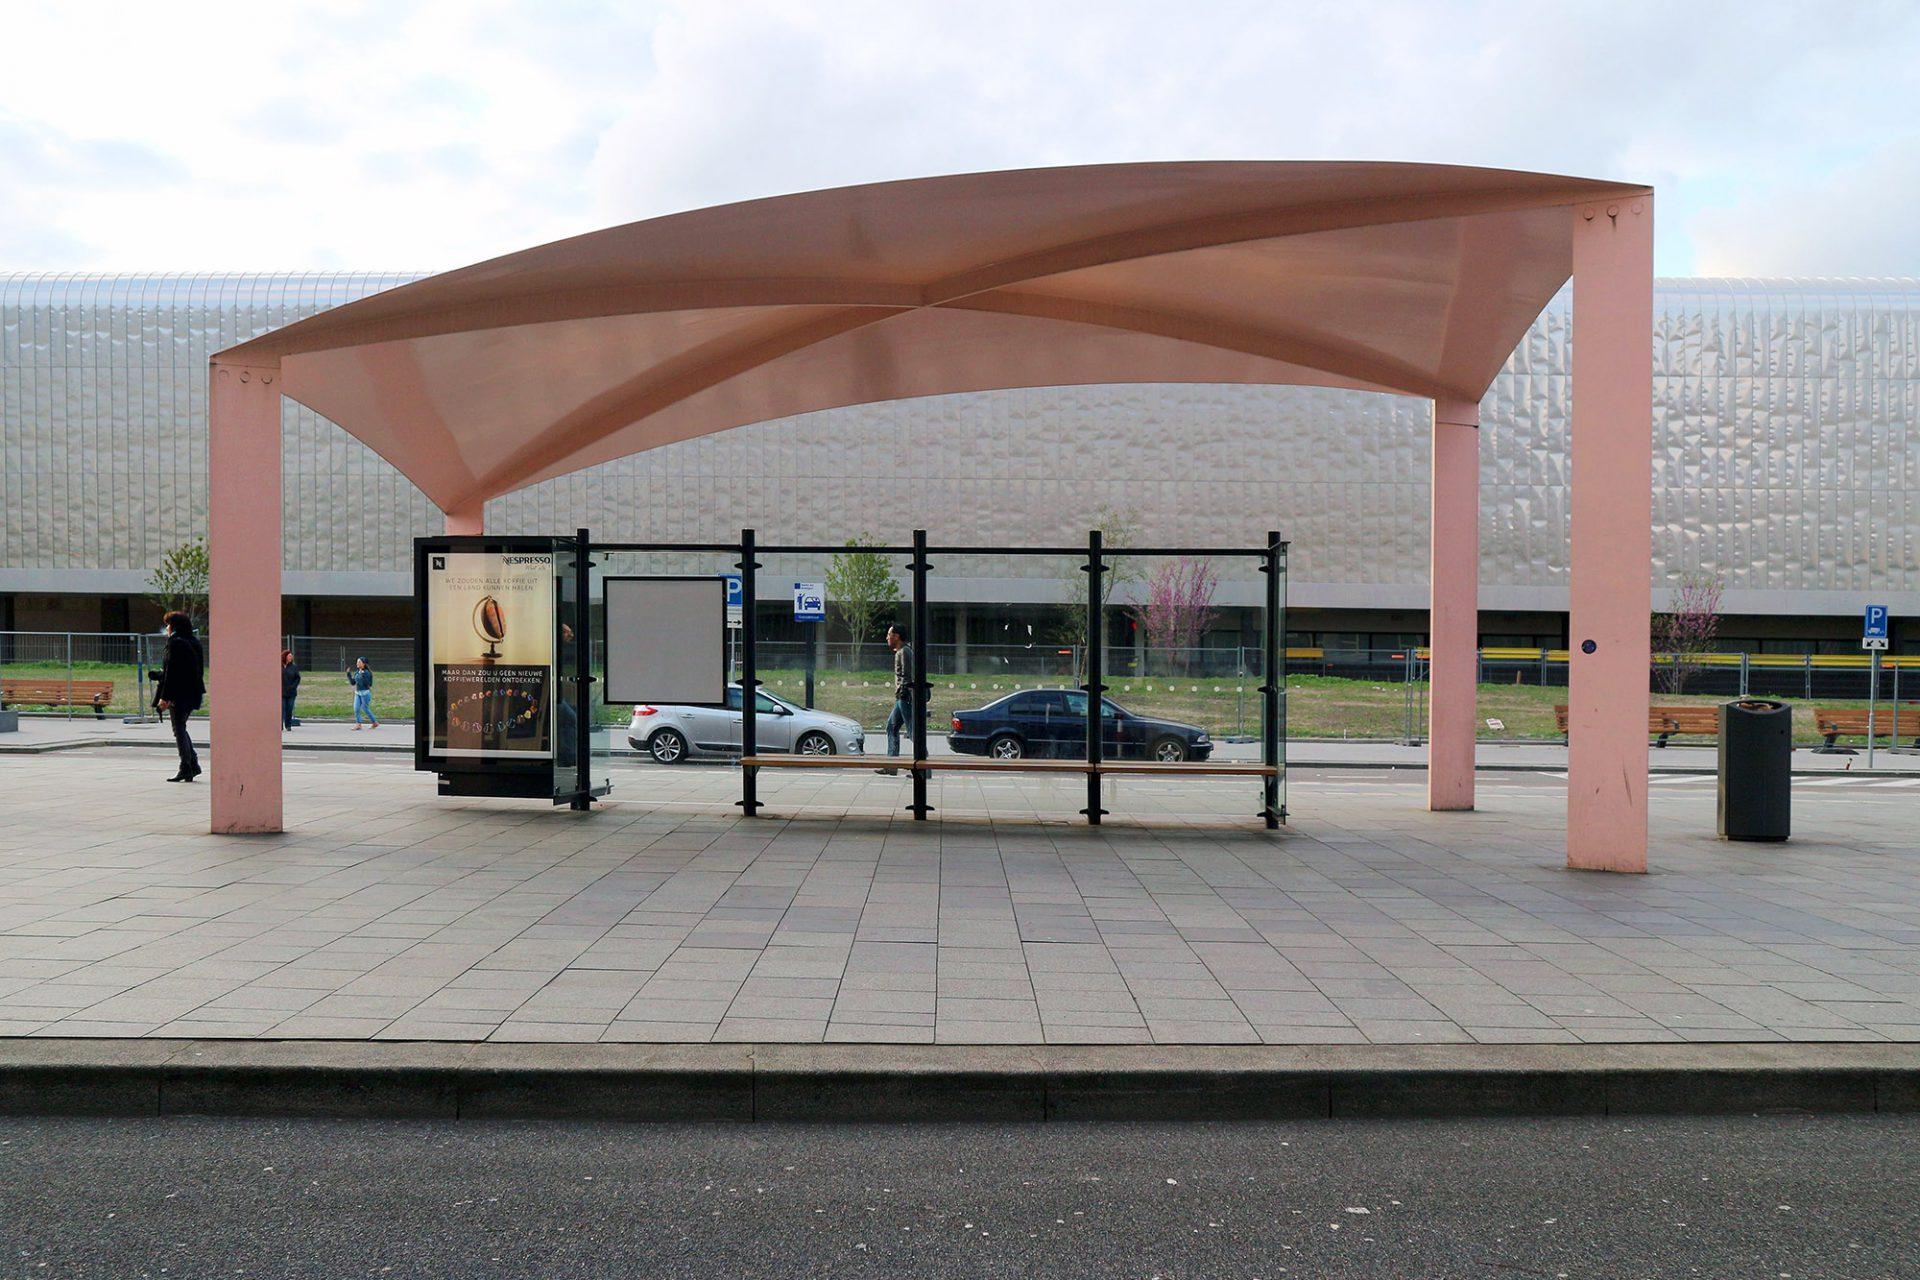 Busstation. Eine Windböe scheint die feinen Stahldächer aufzublähen.